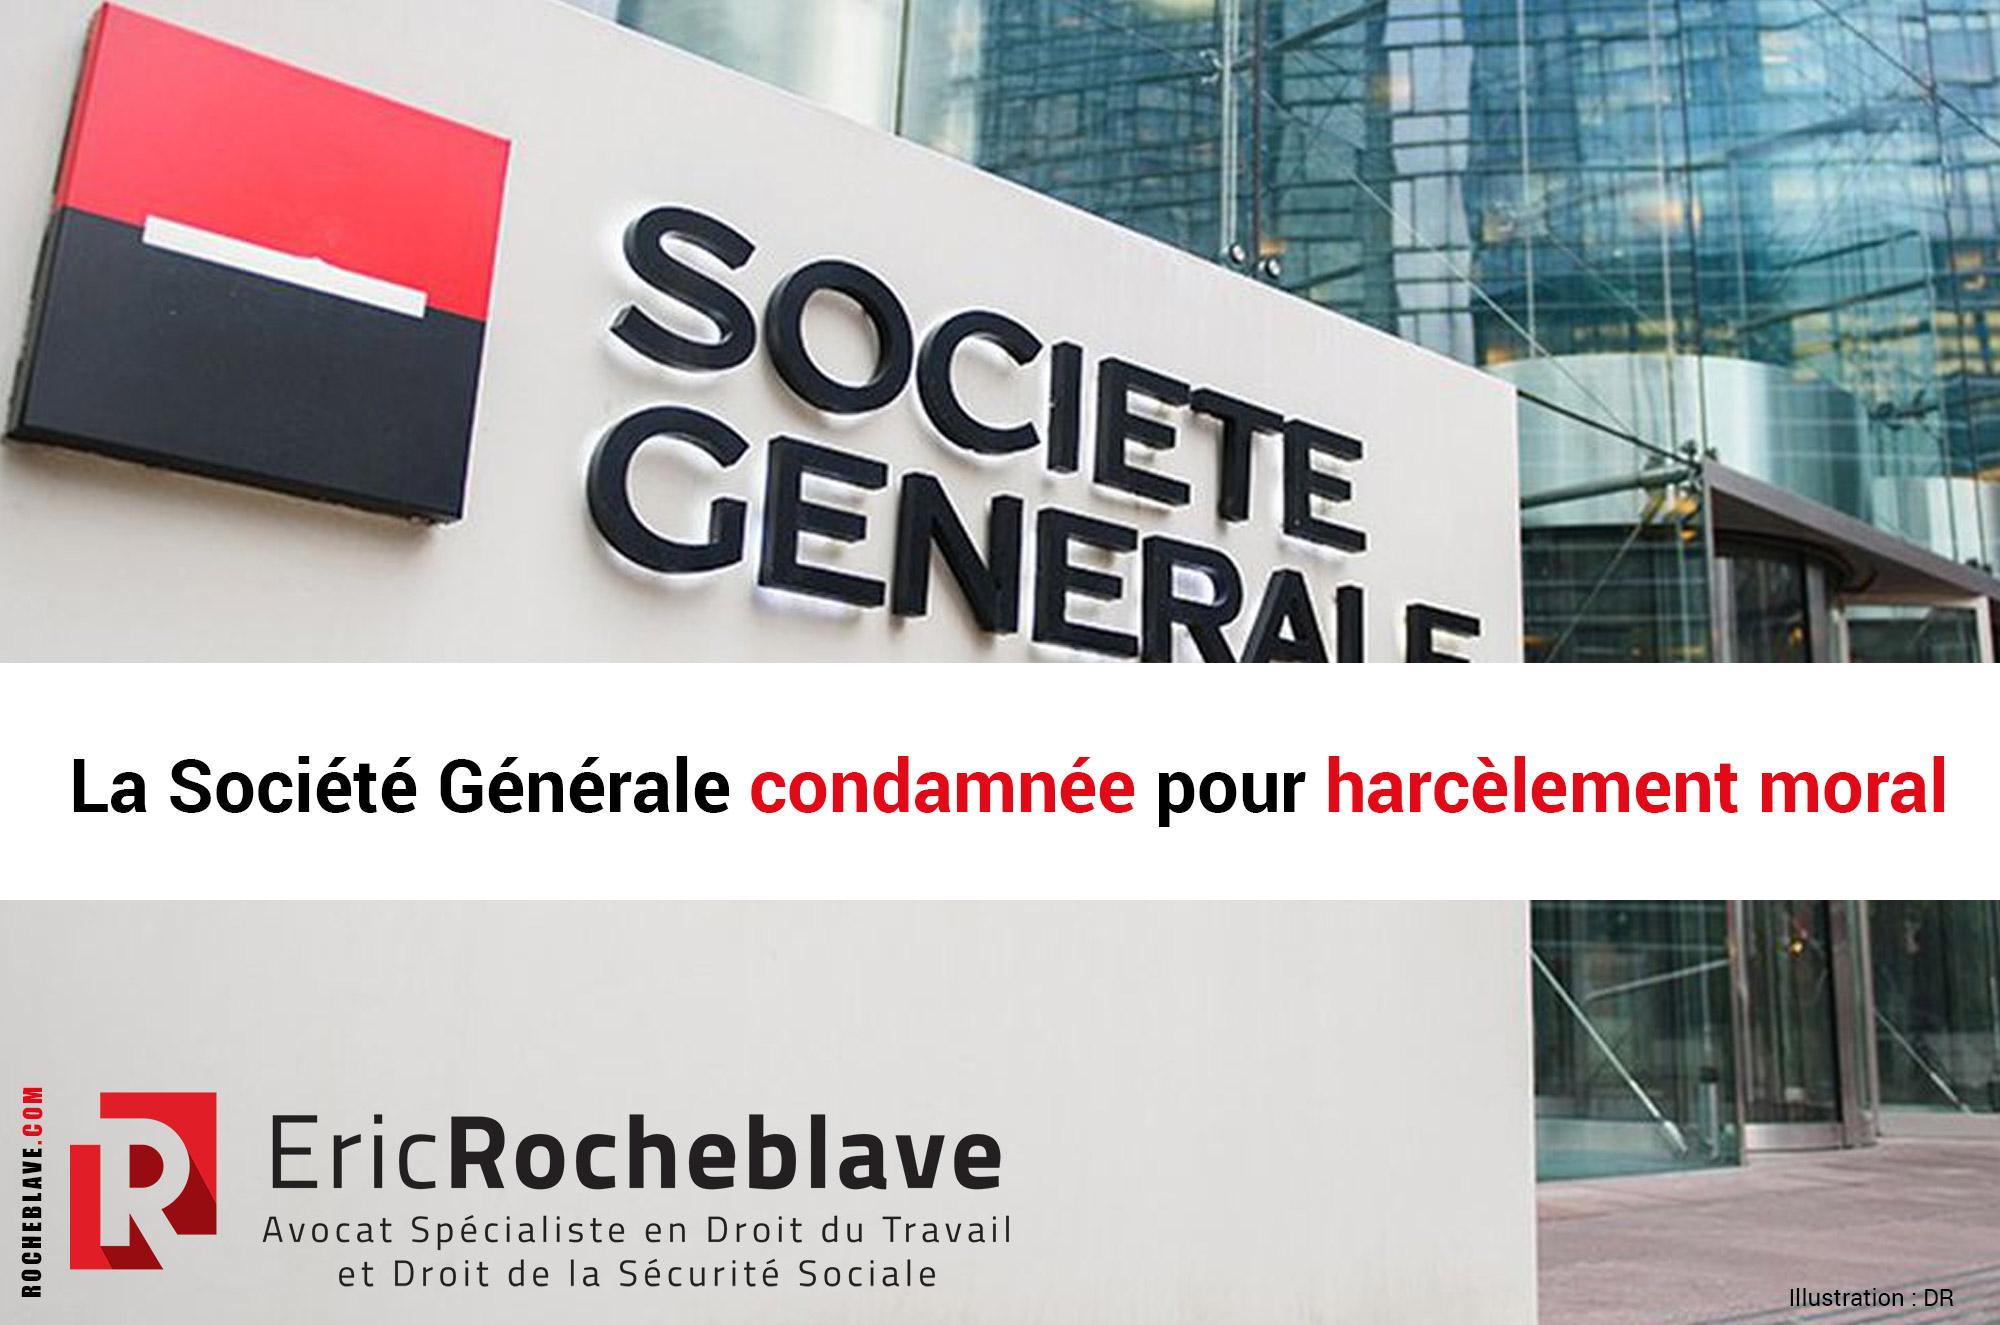 La Société Générale condamnée pour harcèlement moral